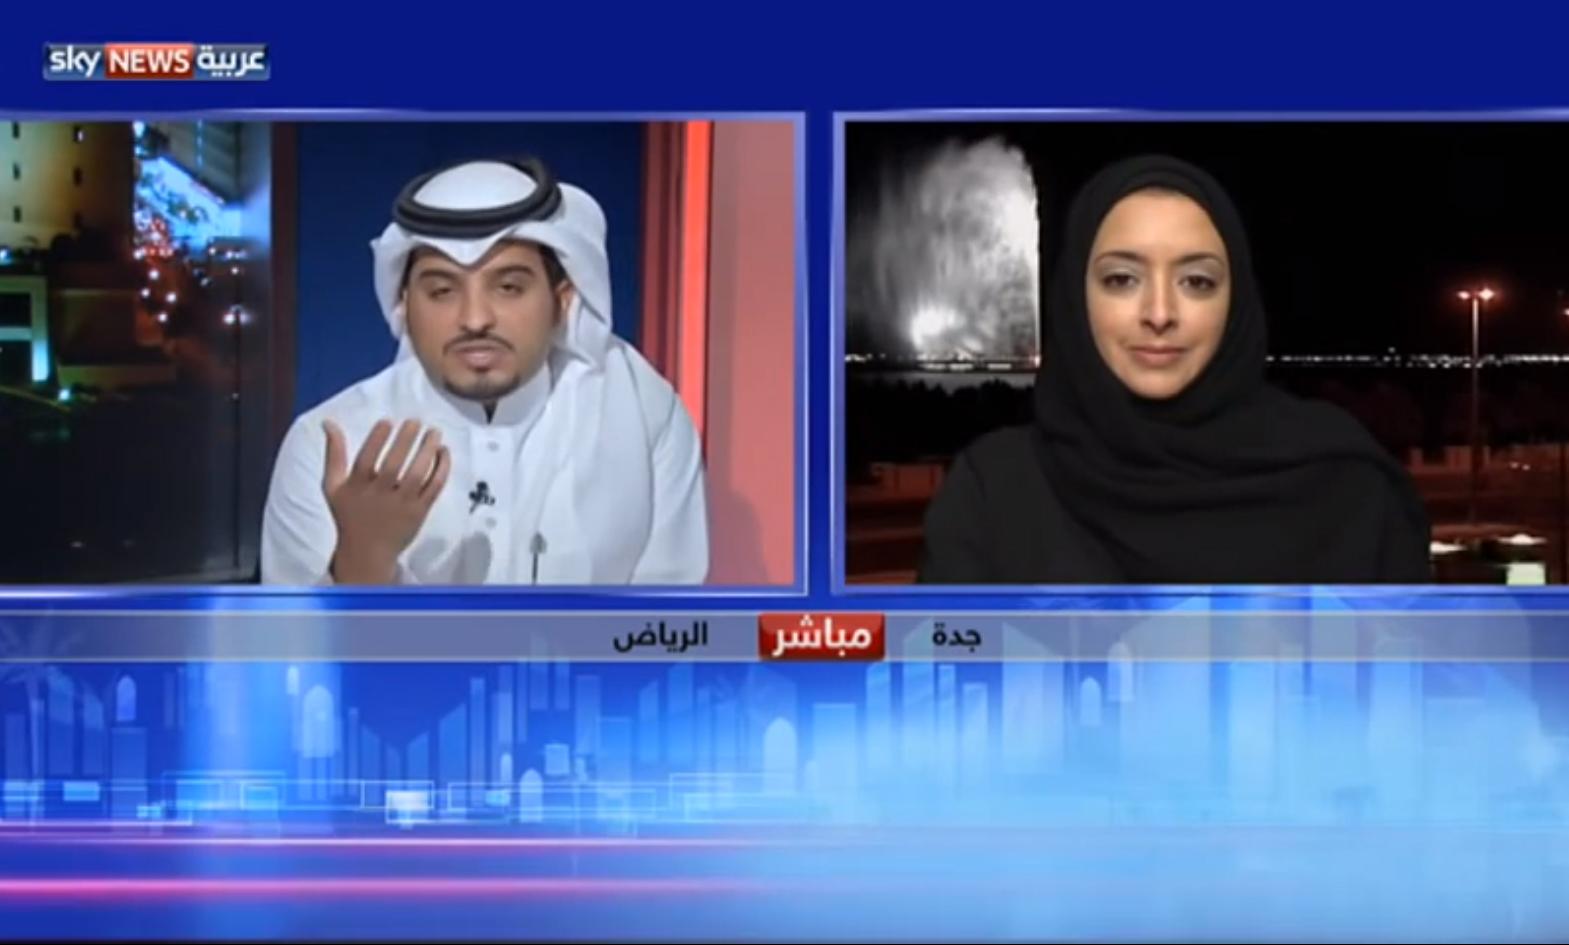 المرأة السعودية في عالم ريادة الأعمال وصناعة القرار